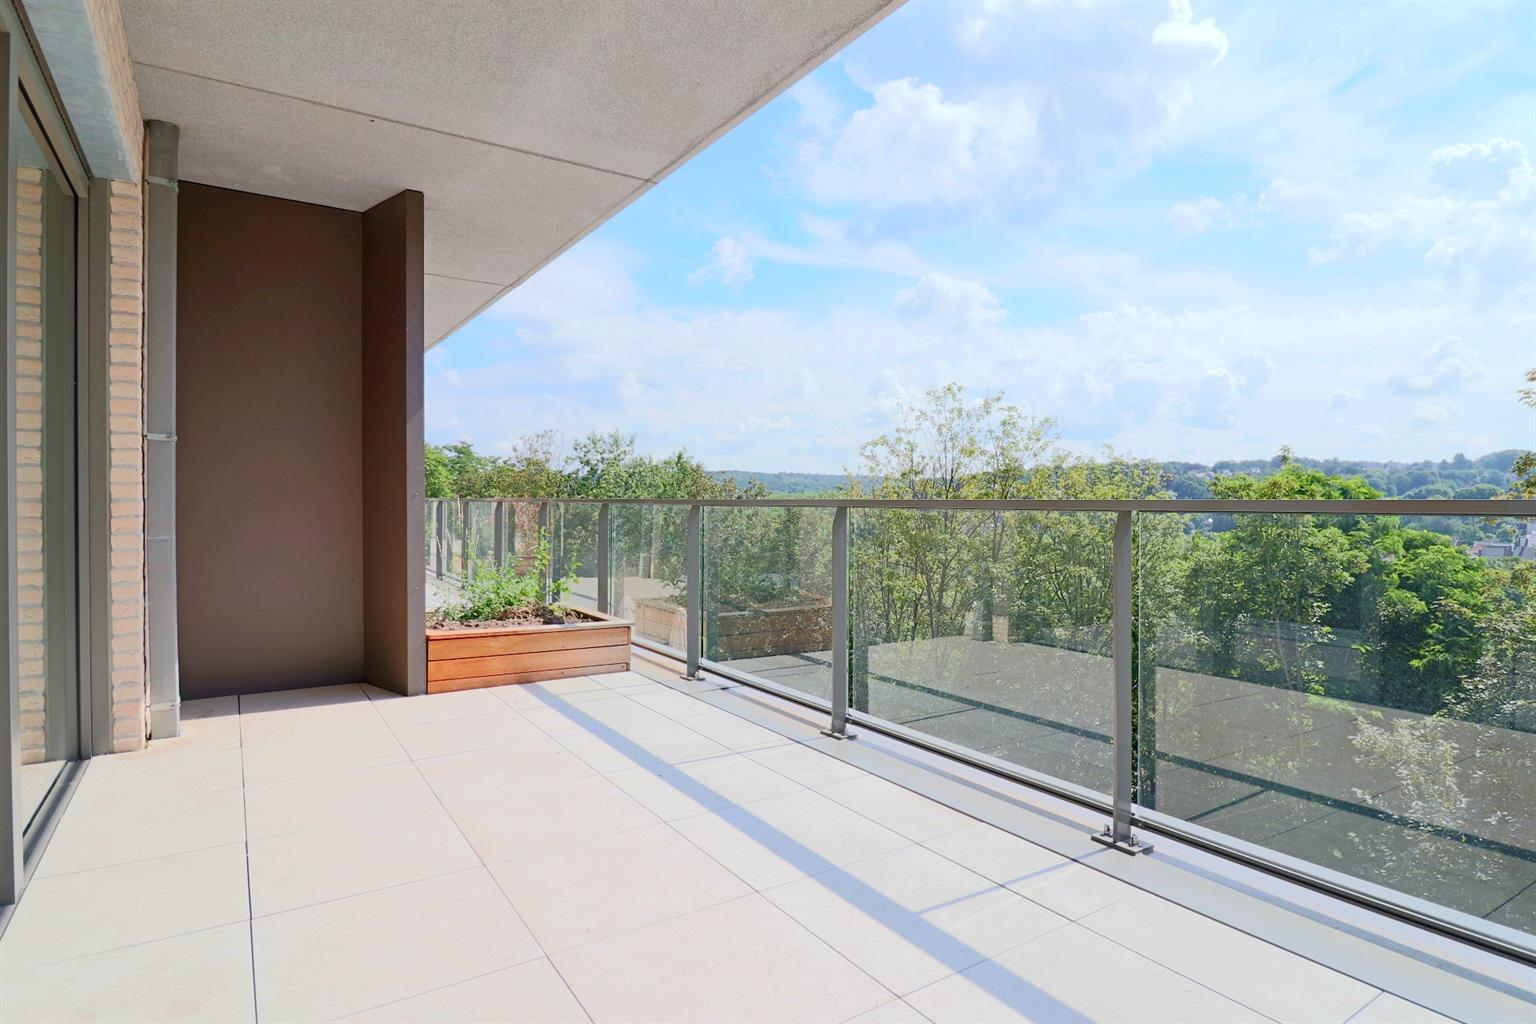 Appartement - Ottignies-Louvain-la-Neuve - #4406828-0